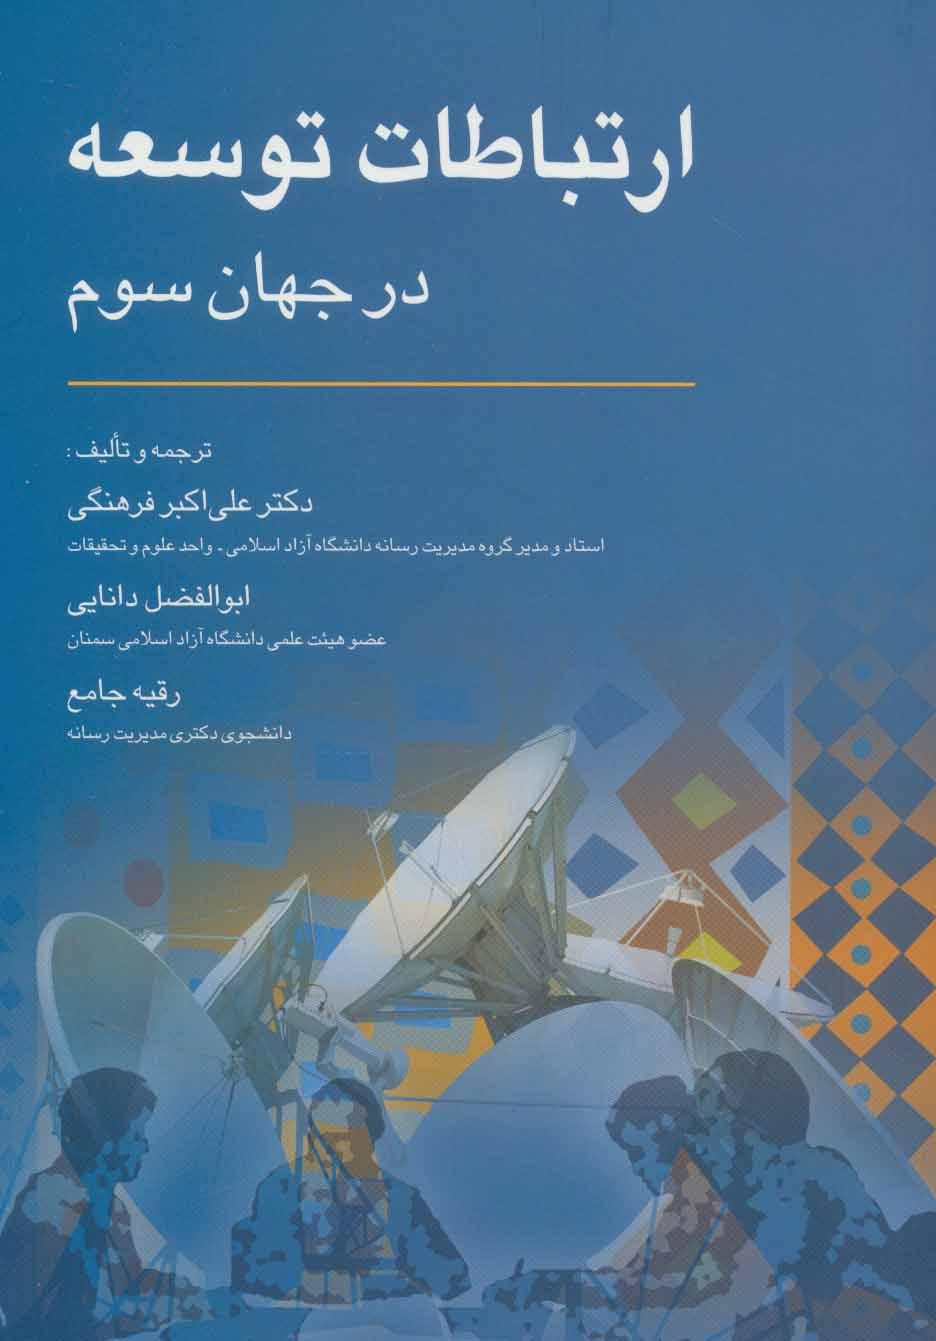 کتاب ارتباطات توسعه در جهان سوم